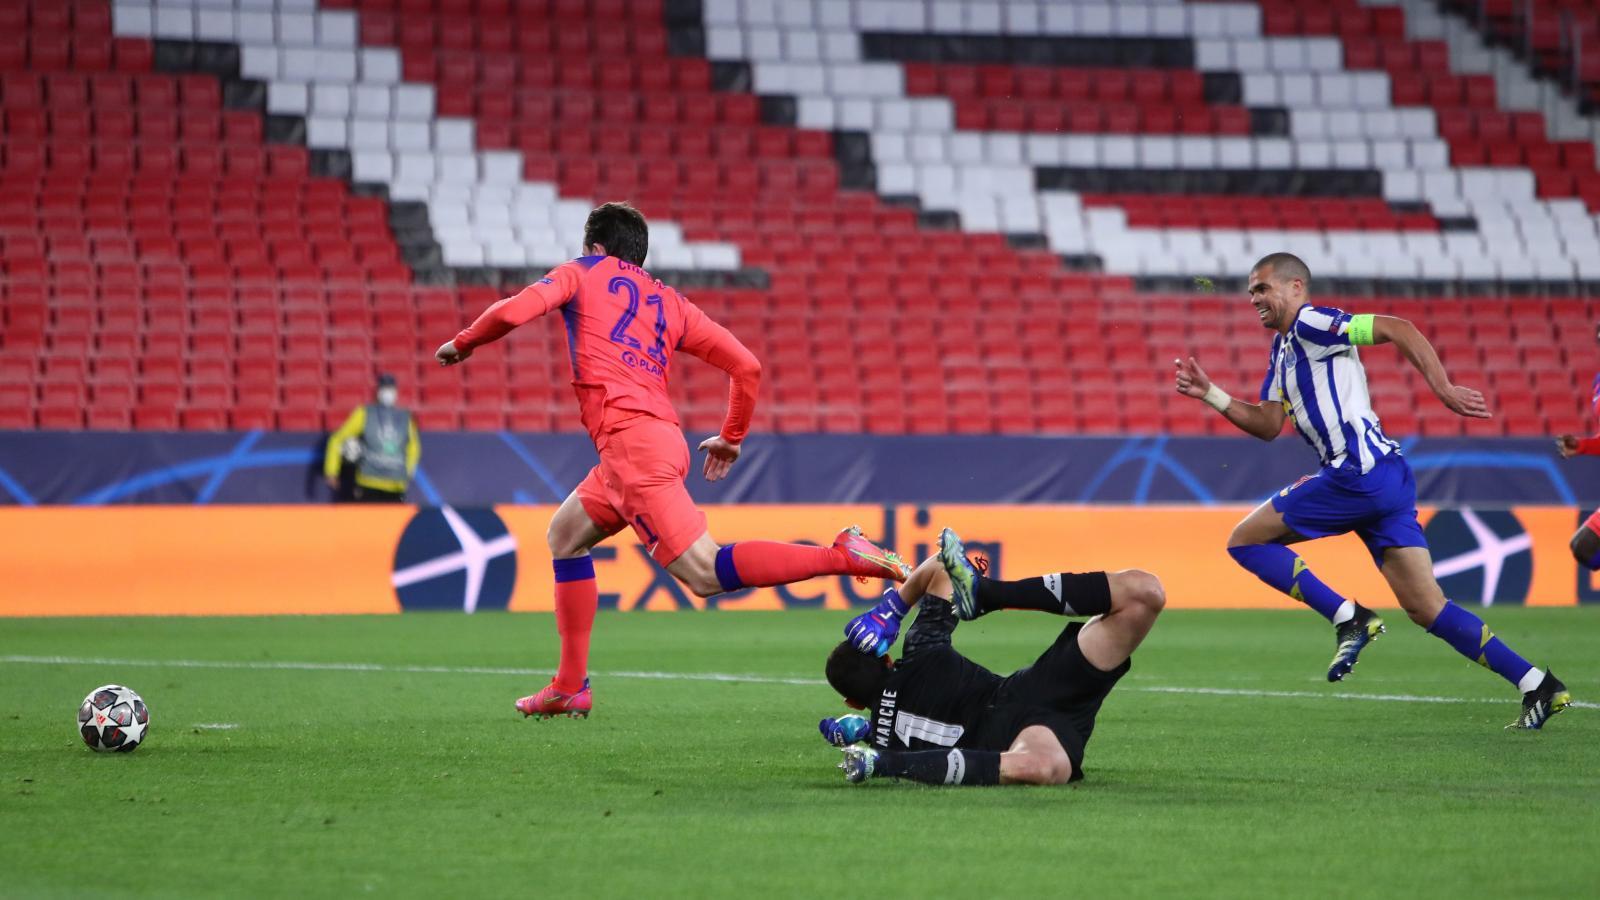 Chilwell se mandó al ataque y marcó el segundo tanto de Chelsea. Fotos: @ChampionsLeague